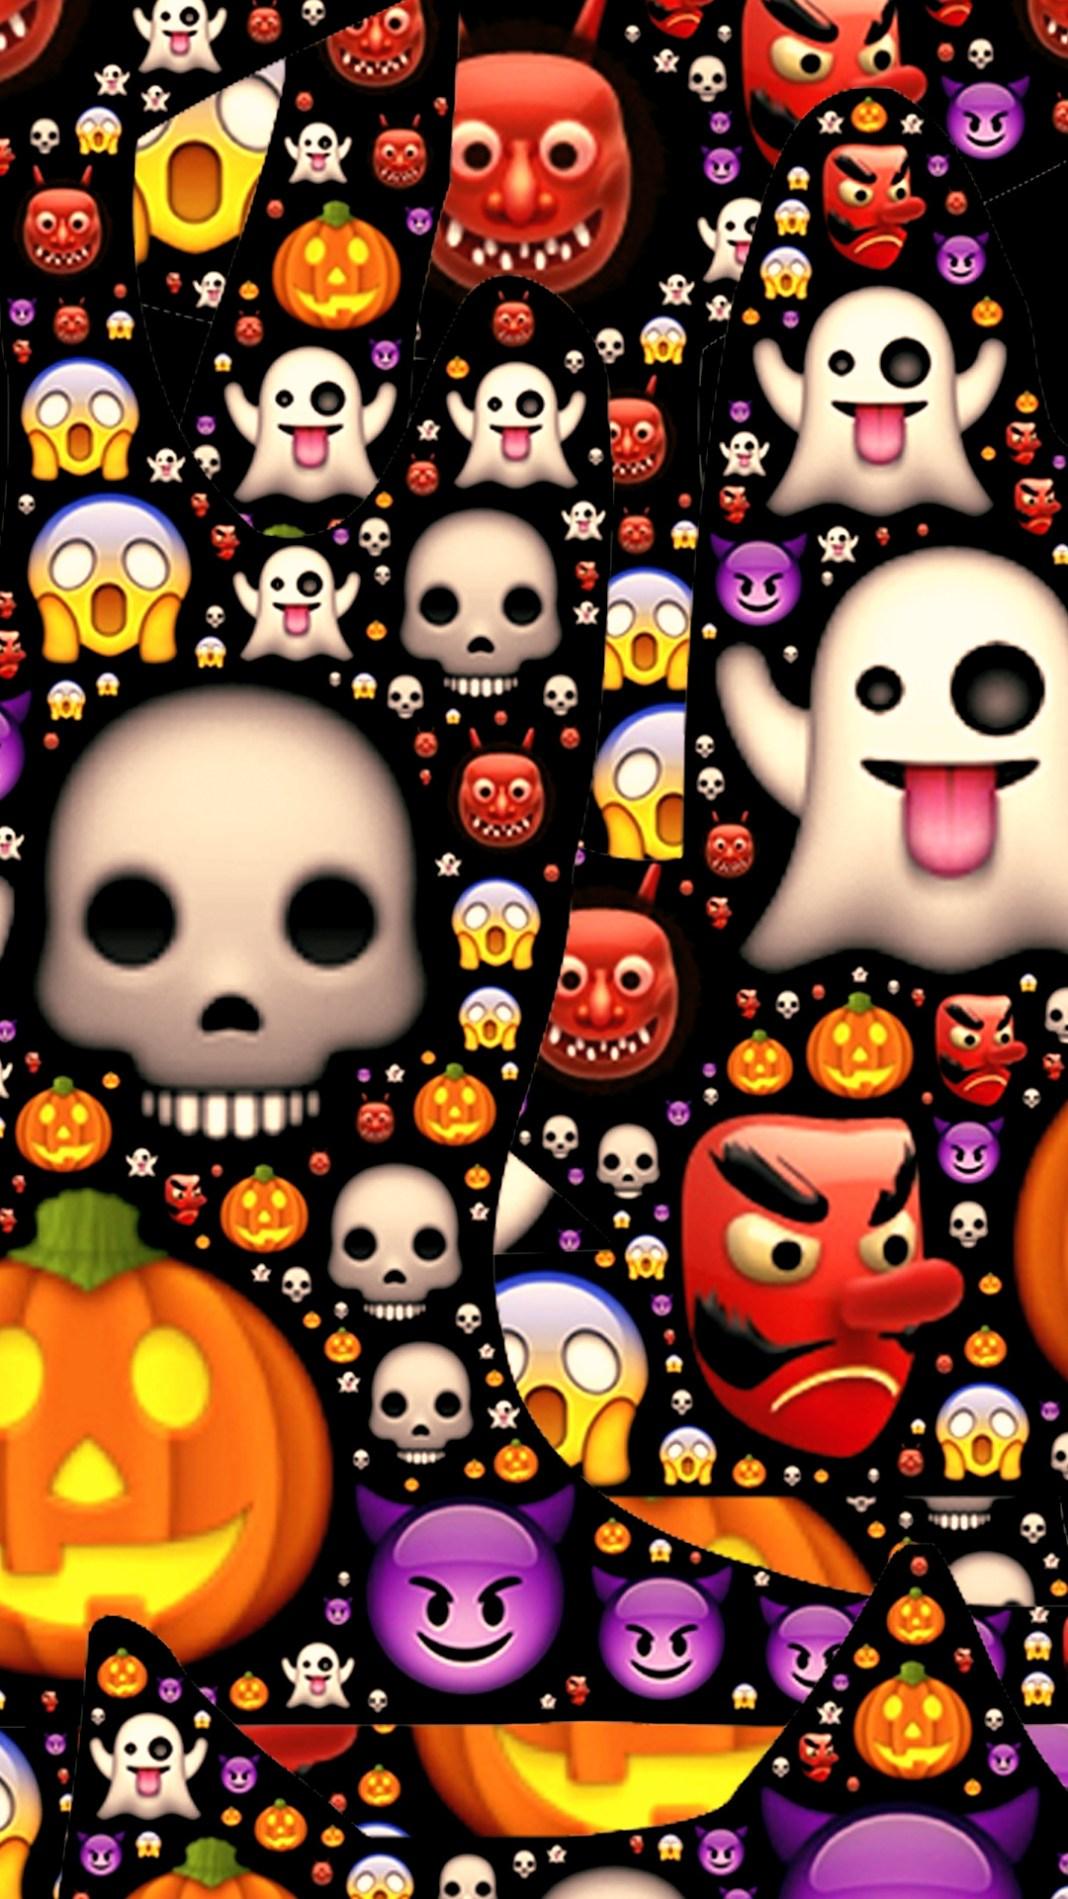 emoji-mess-4458